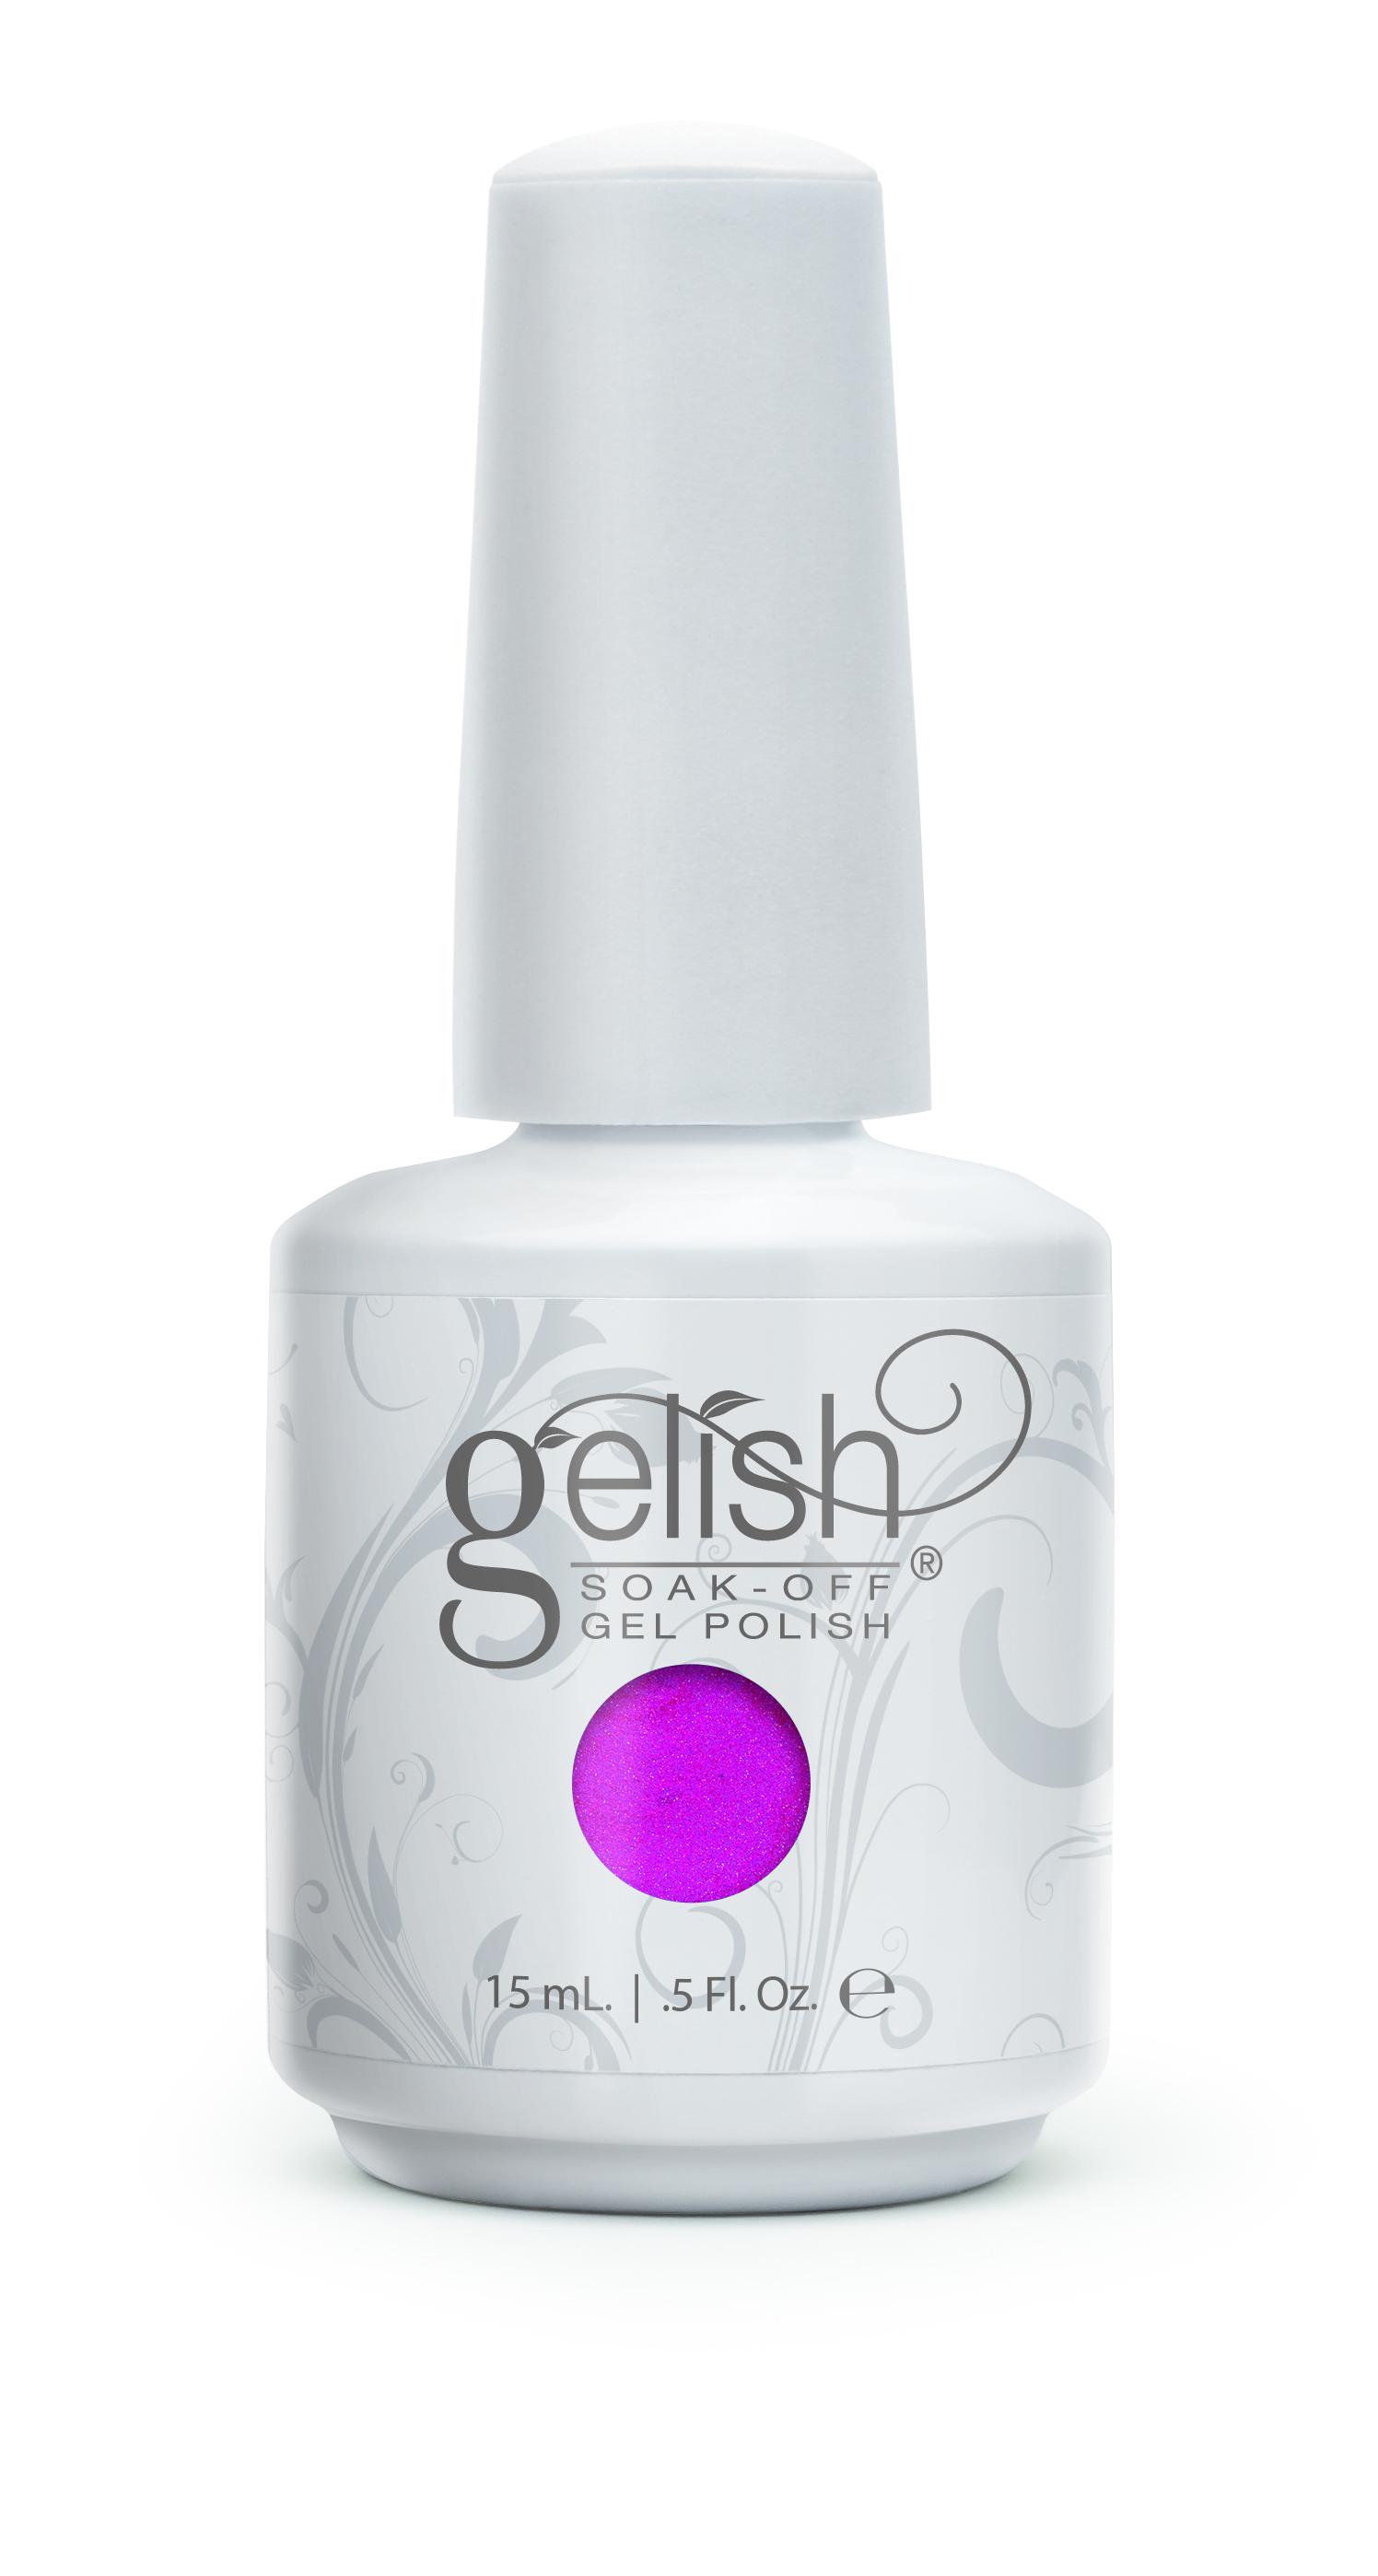 GELISH Гель-лак Kung Fu-Chsia / GELISH 15млГель-лаки<br>Гель-лак Gelish наносится на ноготь как лак, с помощью кисточки под колпачком. Процедура нанесения схожа с&amp;nbsp;нанесением обычного цветного покрытия. Все гель-лаки Harmony Gelish выполняют функцию еще и укрепляющего геля, делая ногти более прочными и длинными. Ногти клиента находятся под защитой гель-лака, они не ломаются и не расслаиваются. Гель-лаки Gelish после сушки в LED или УФ лампах держатся на натуральных ногтях рук до 3 недель, а на ногтях ног до 5 недель. Способ применения: Подготовительный этап. Для начала нужно сделать маникюр. В зависимости от ваших предпочтений это может быть европейский, классический обрезной, СПА или аппаратный маникюр. Главное, сдвинуть кутикулу с ногтевого ложа и удалить ороговевшие участки кожи вокруг ногтей. Особенностью этой системы является то, что перед нанесением базового слоя необходимо обработать ноготь шлифовочным бафом Harmony Buffer 100/180 грит, для того, чтобы снять глянец. Это поможет улучшить сцепку покрытия с ногтем. Пыль, которая осталась после опила, излишки жира и влаги удаляются с помощью обезжиривателя Бондер / GELISH pH Bond 15&amp;nbsp;мл или любого другого дегитратора. Нанесение искусственного покрытия Harmony.&amp;nbsp; После того, как подготовительные процедуры завершены, можно приступать непосредственно к нанесению искусственного покрытия Harmony Gelish. Как и все гелевые лаки, продукцию этого бренда необходимо полимеризовать в лампе. Гель-лаки Gelish сохнут (полимеризуются) под LED или УФ лампой. Время полимеризации: В LED лампе 18G/6G = 30 секунд В LED лампе Gelish Mini Pro = 45 секунд В УФ лампах 36 Вт = 120 секунд В УФ лампе Harmony Mini Portable UV Light = 180 секунд ПРИМЕЧАНИЕ: подвергать полимеризации необходимо каждый слой гель-лакового покрытия! 1)Первым наносится тонкий слой базового покрытия Gelish Foundation Soak Off Base Gel 15 мл. 2)Следующий шаг   нанесение цветного гель-лака Harmony Gelish.&amp;nbsp; 3)Заключительный этап Нанесен